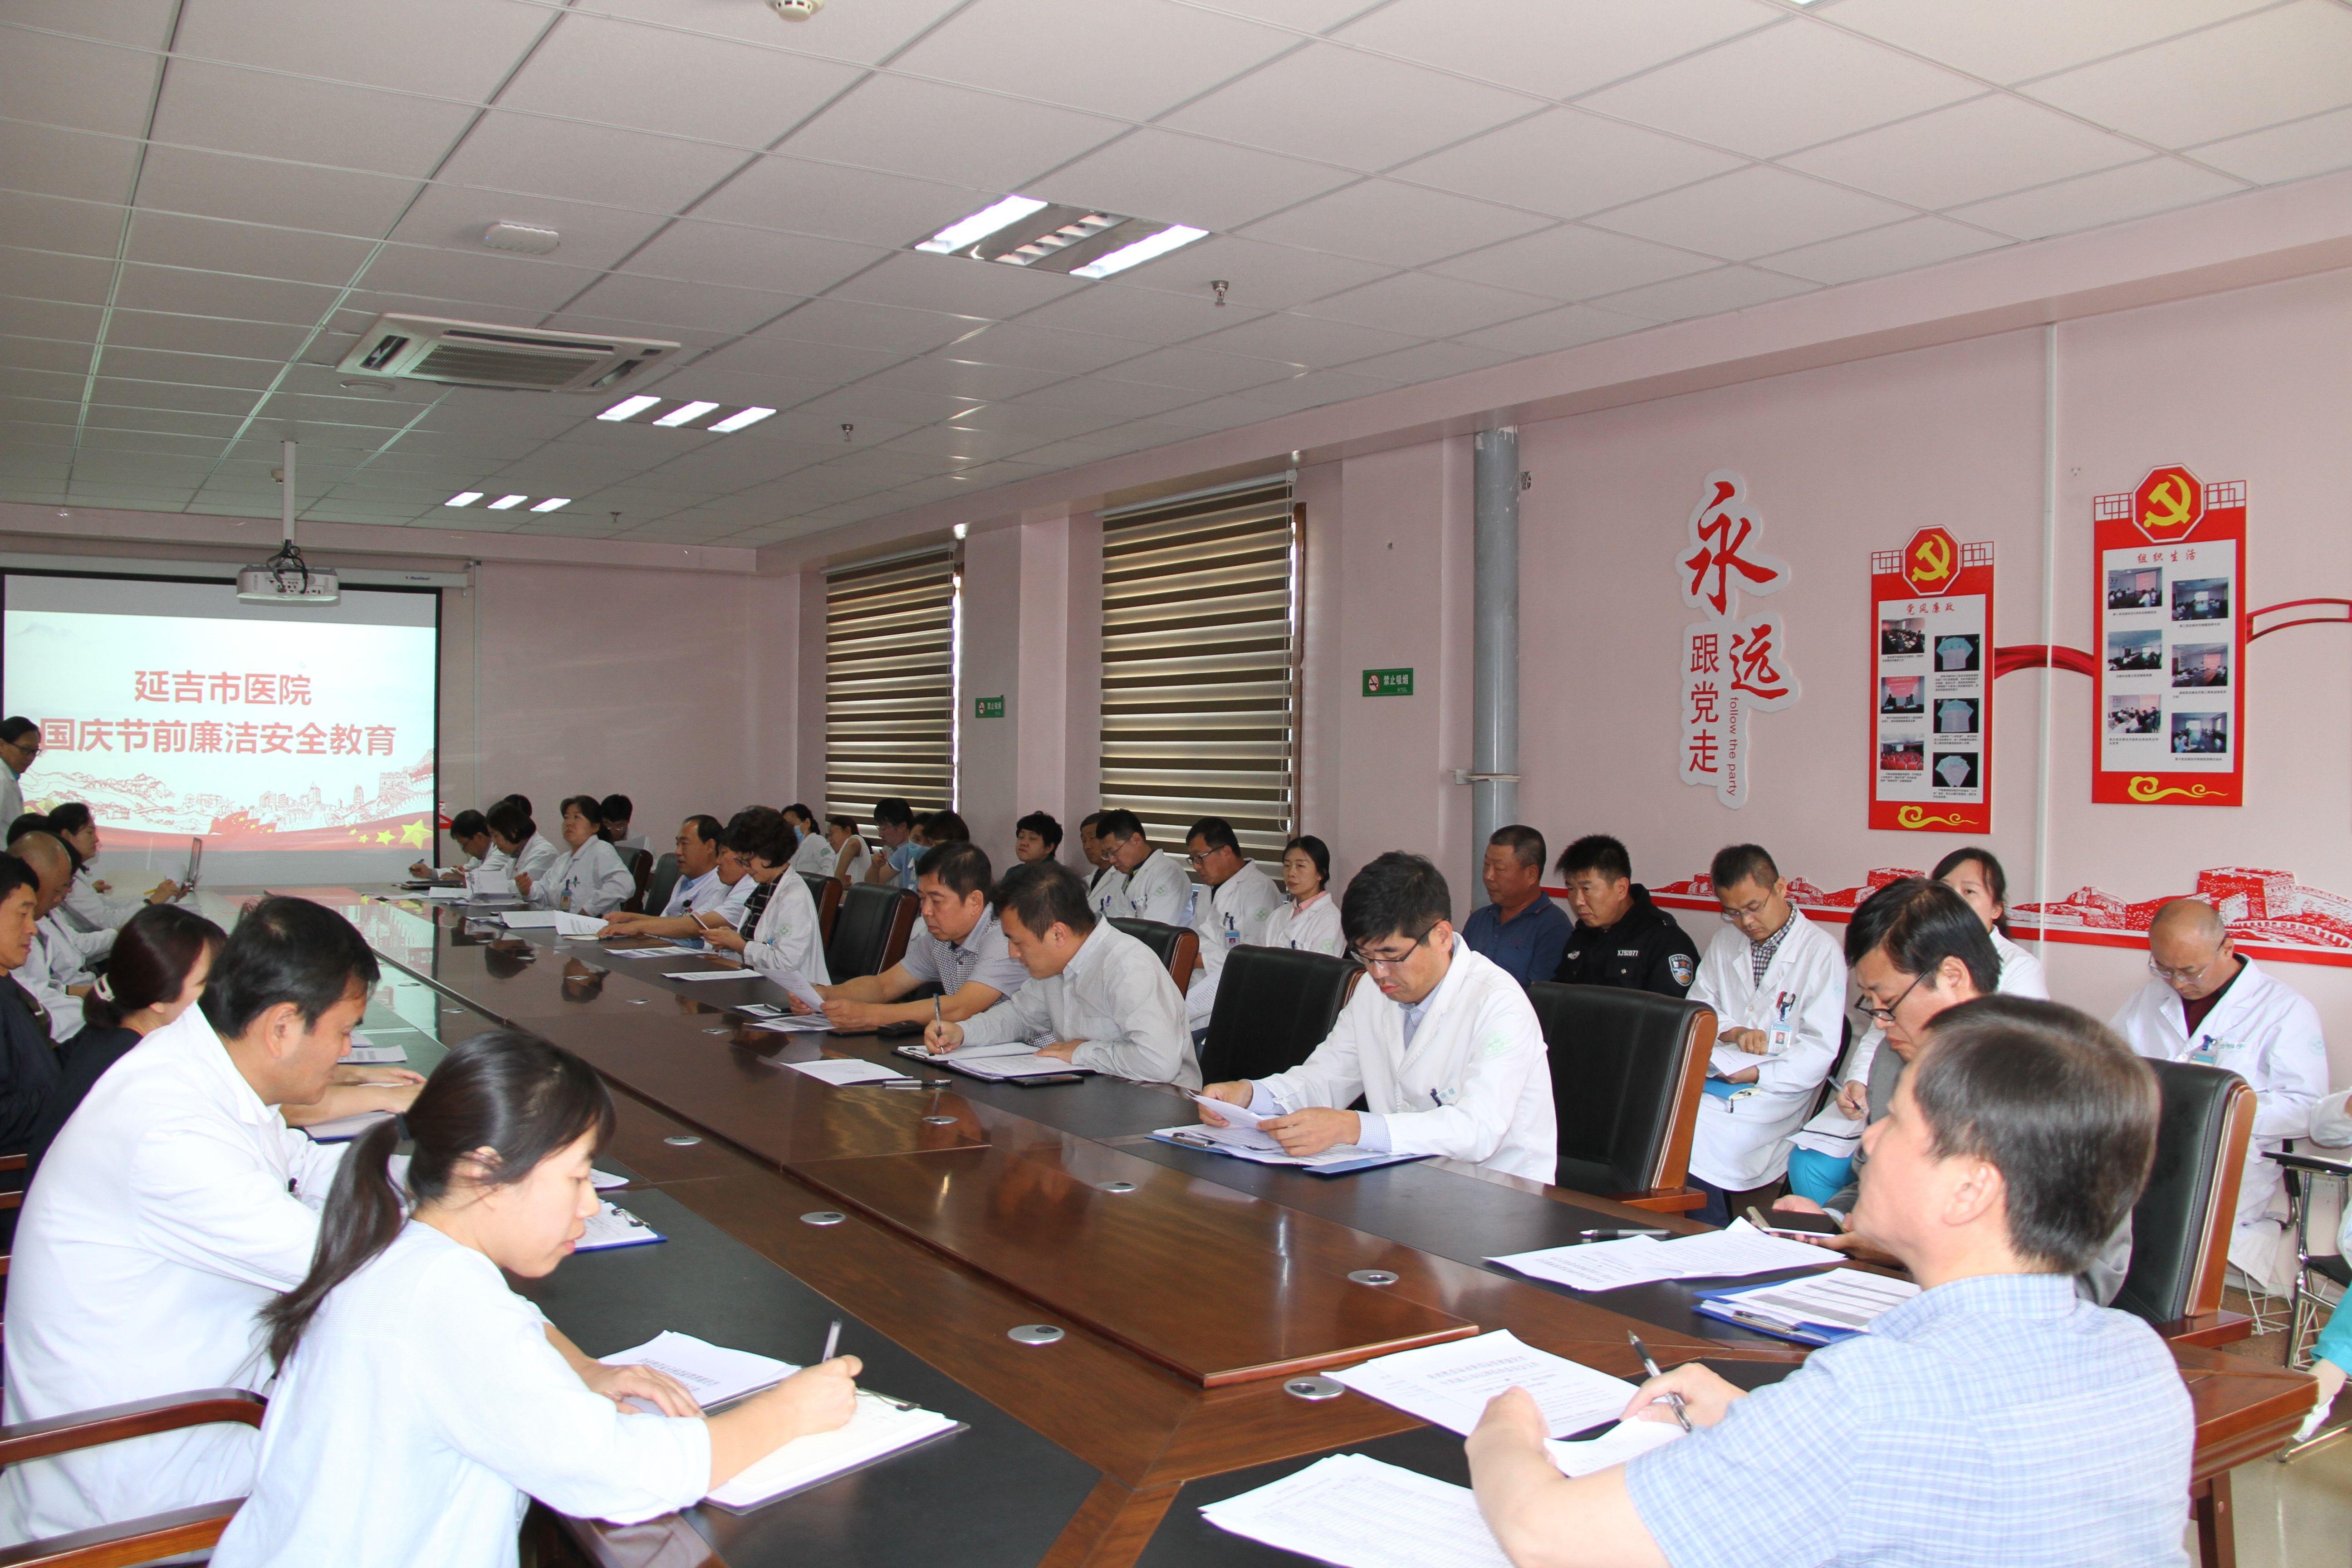 延吉市医院国庆节前廉洁安全教育